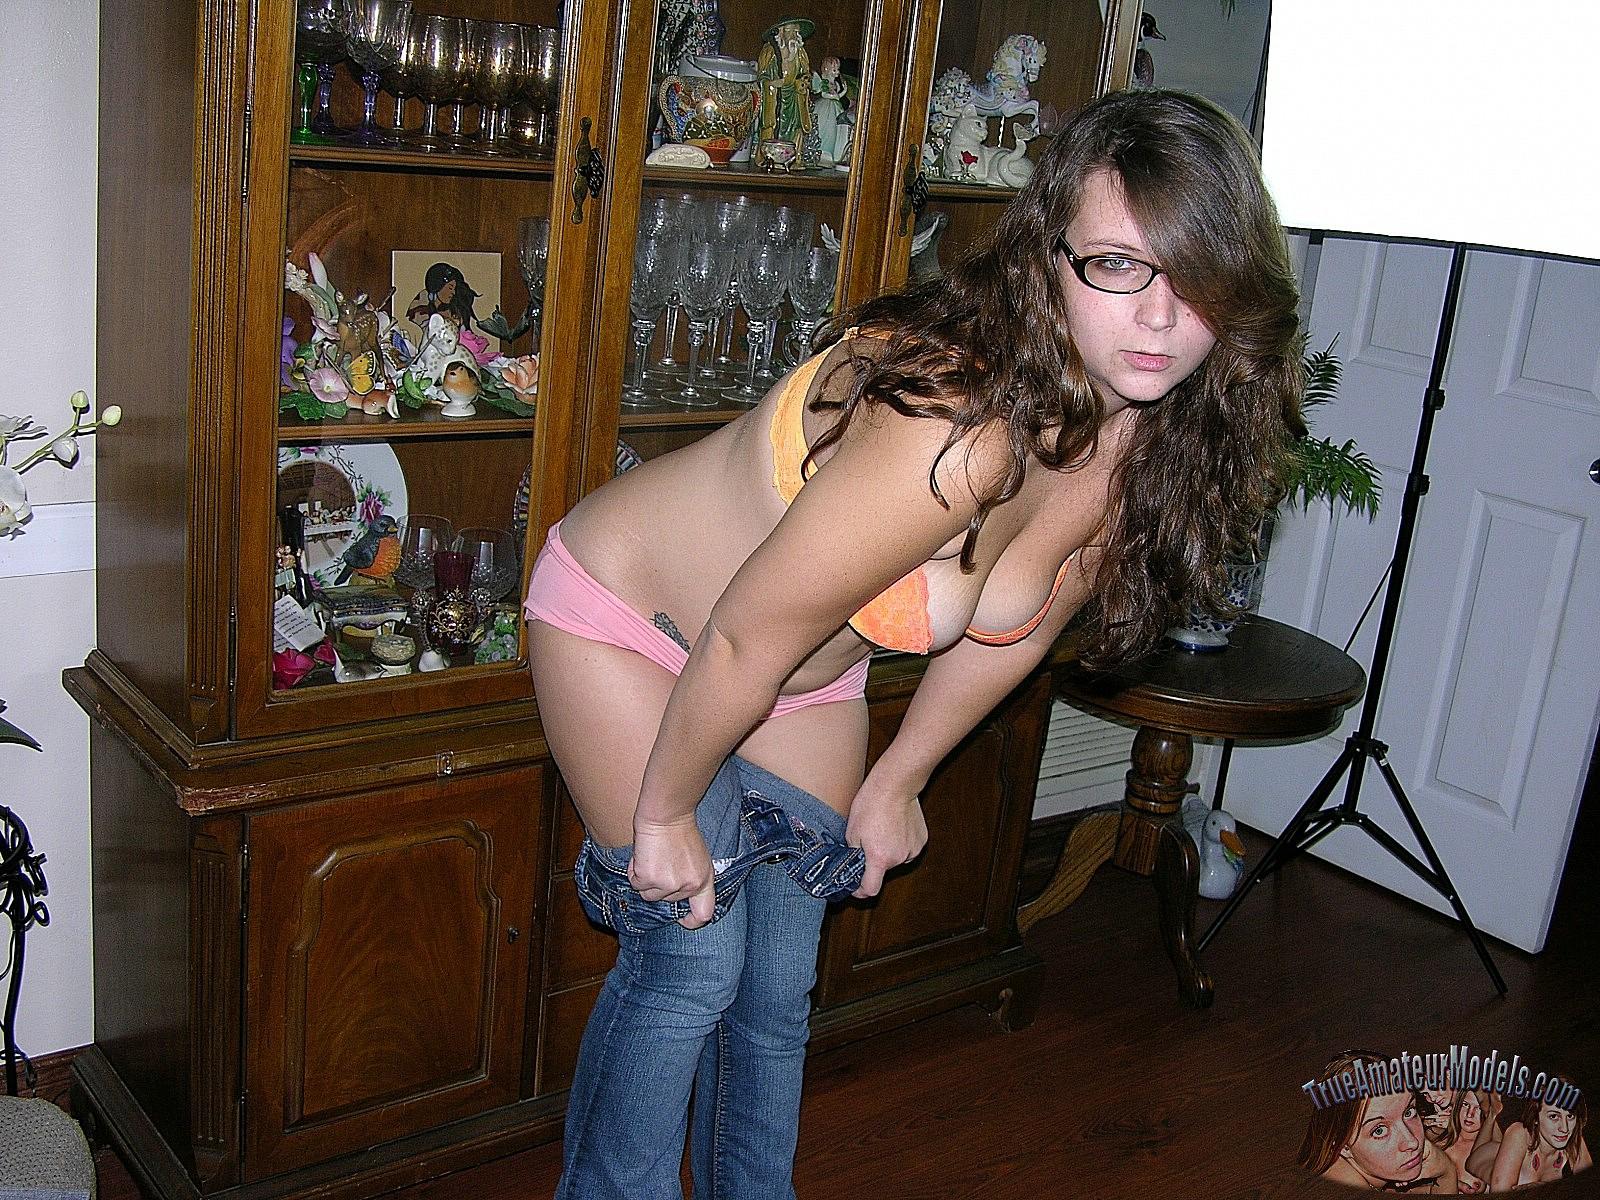 ex redneck girl nude